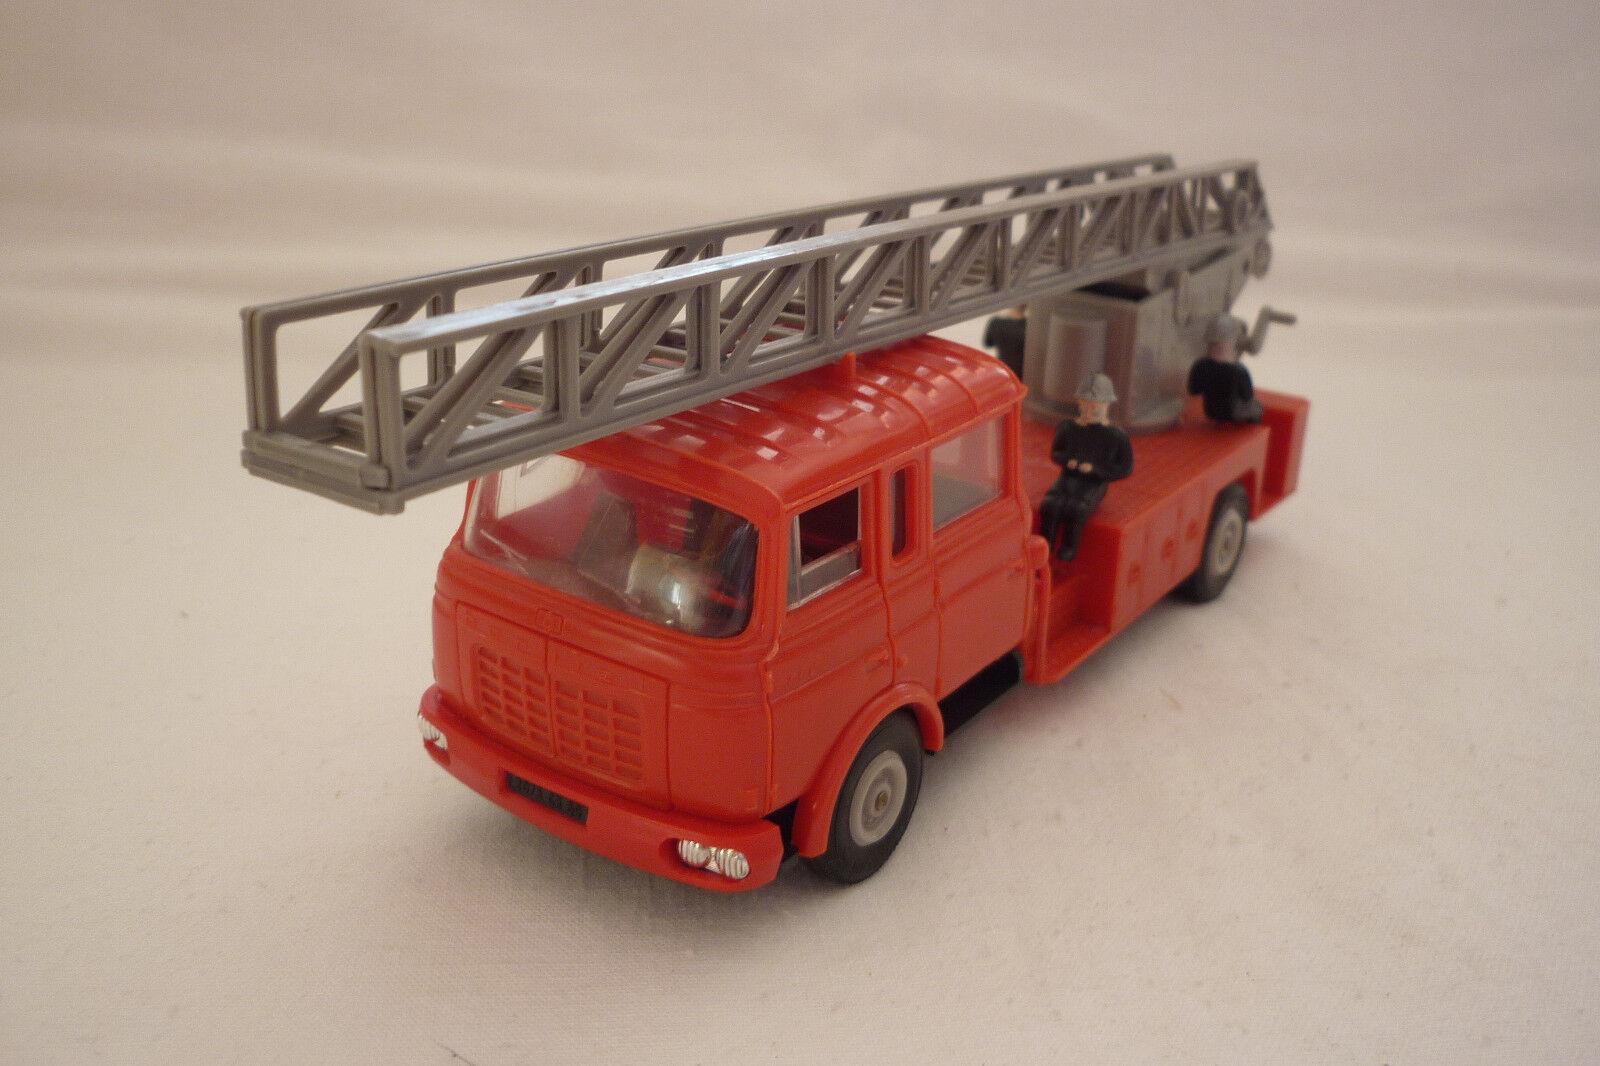 NOREV - Vintage Model 97 - Magirus - Fire Engine - (Nor 16)